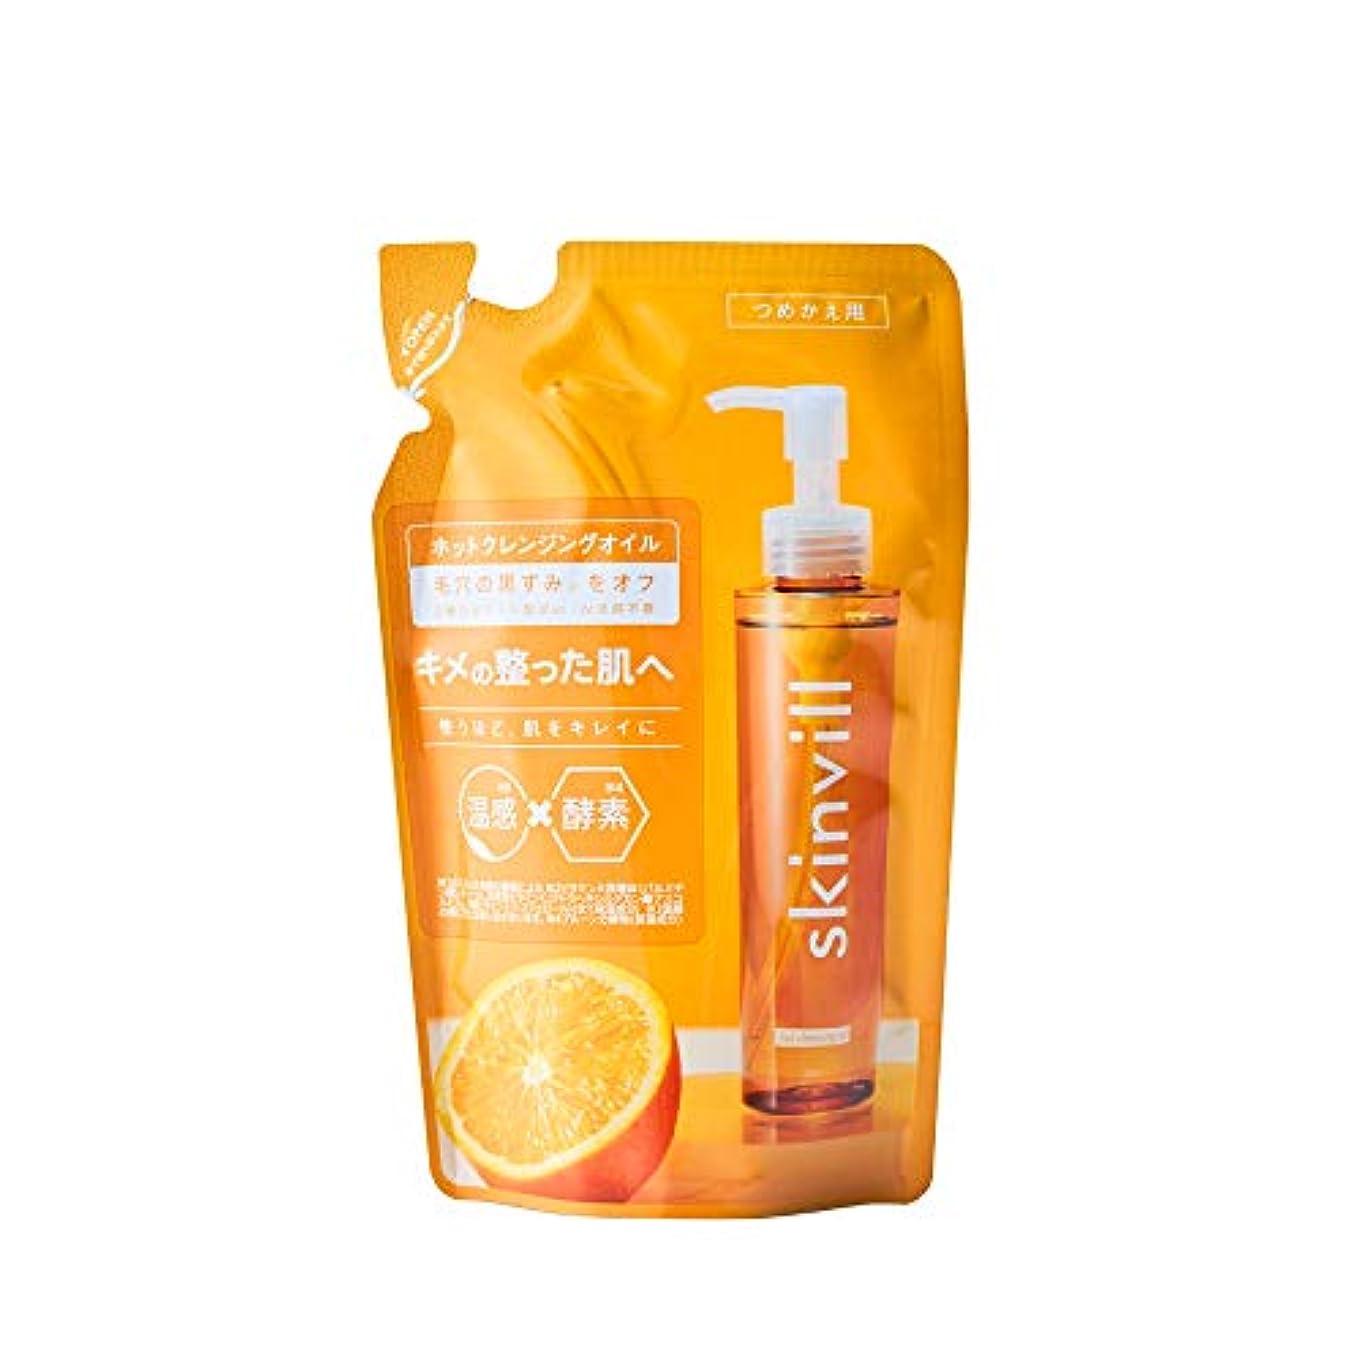 輝く何よりも新年skinvill スキンビル ホットクレンジングオイル 詰め替えパウチ 130mL シトラスオレンジの香り